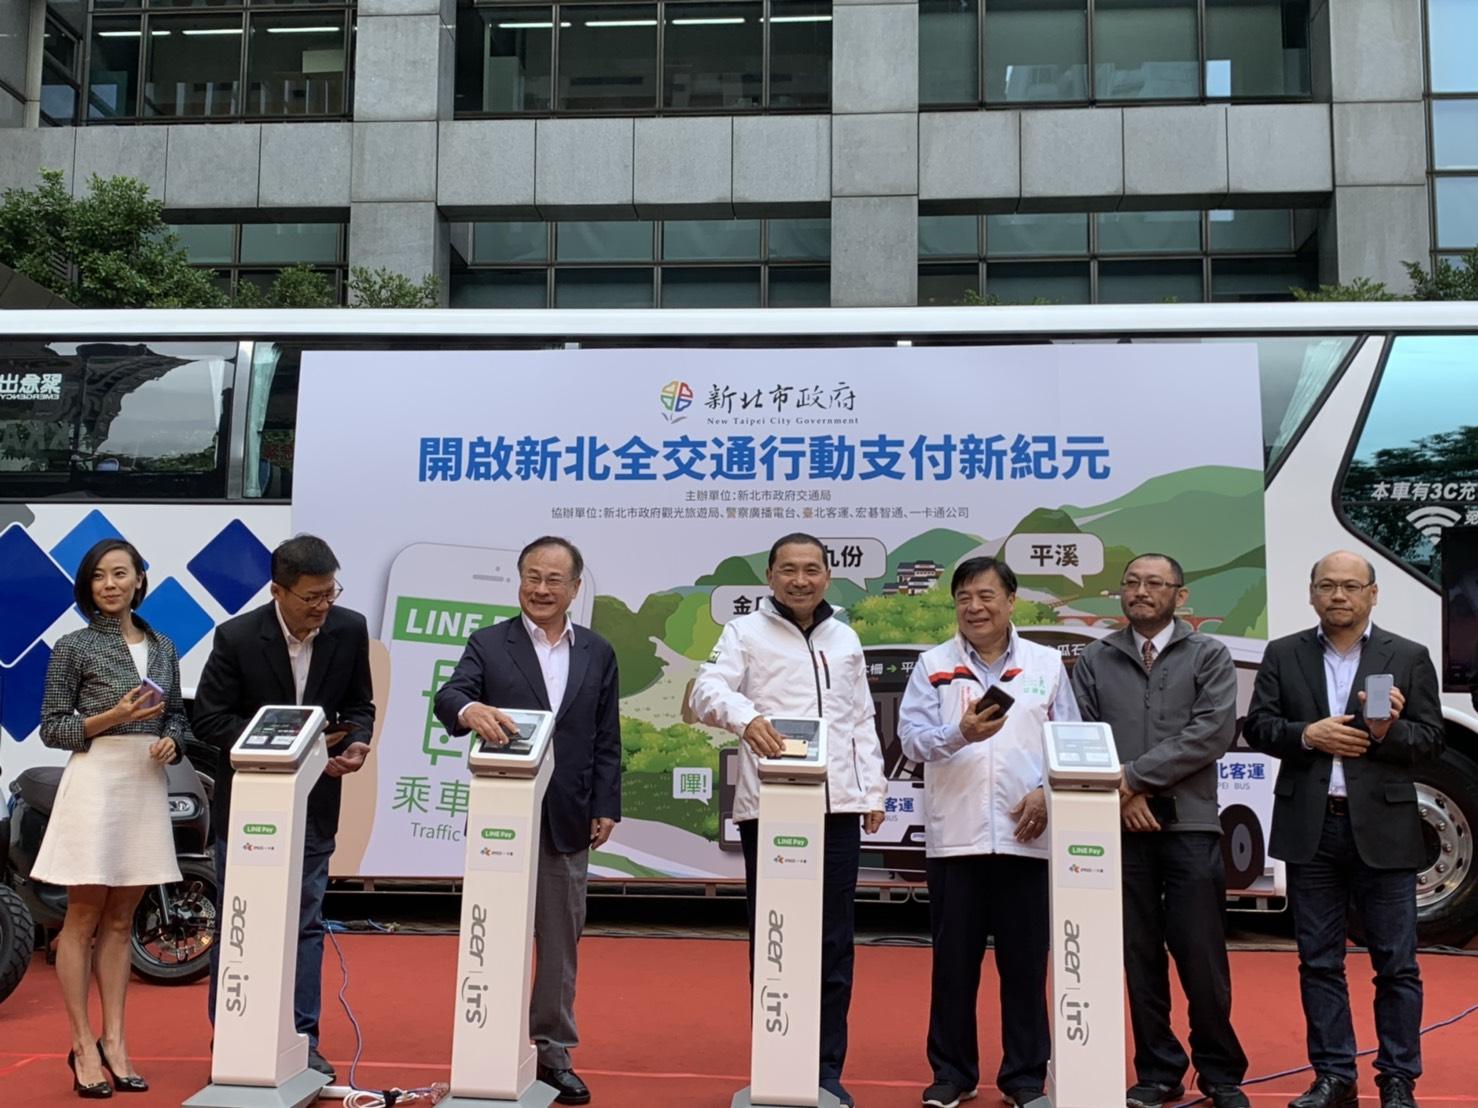 一同宣布新北市兩條重要臺北客運觀光路線率先啟用LINE Pay掃碼搭車功能